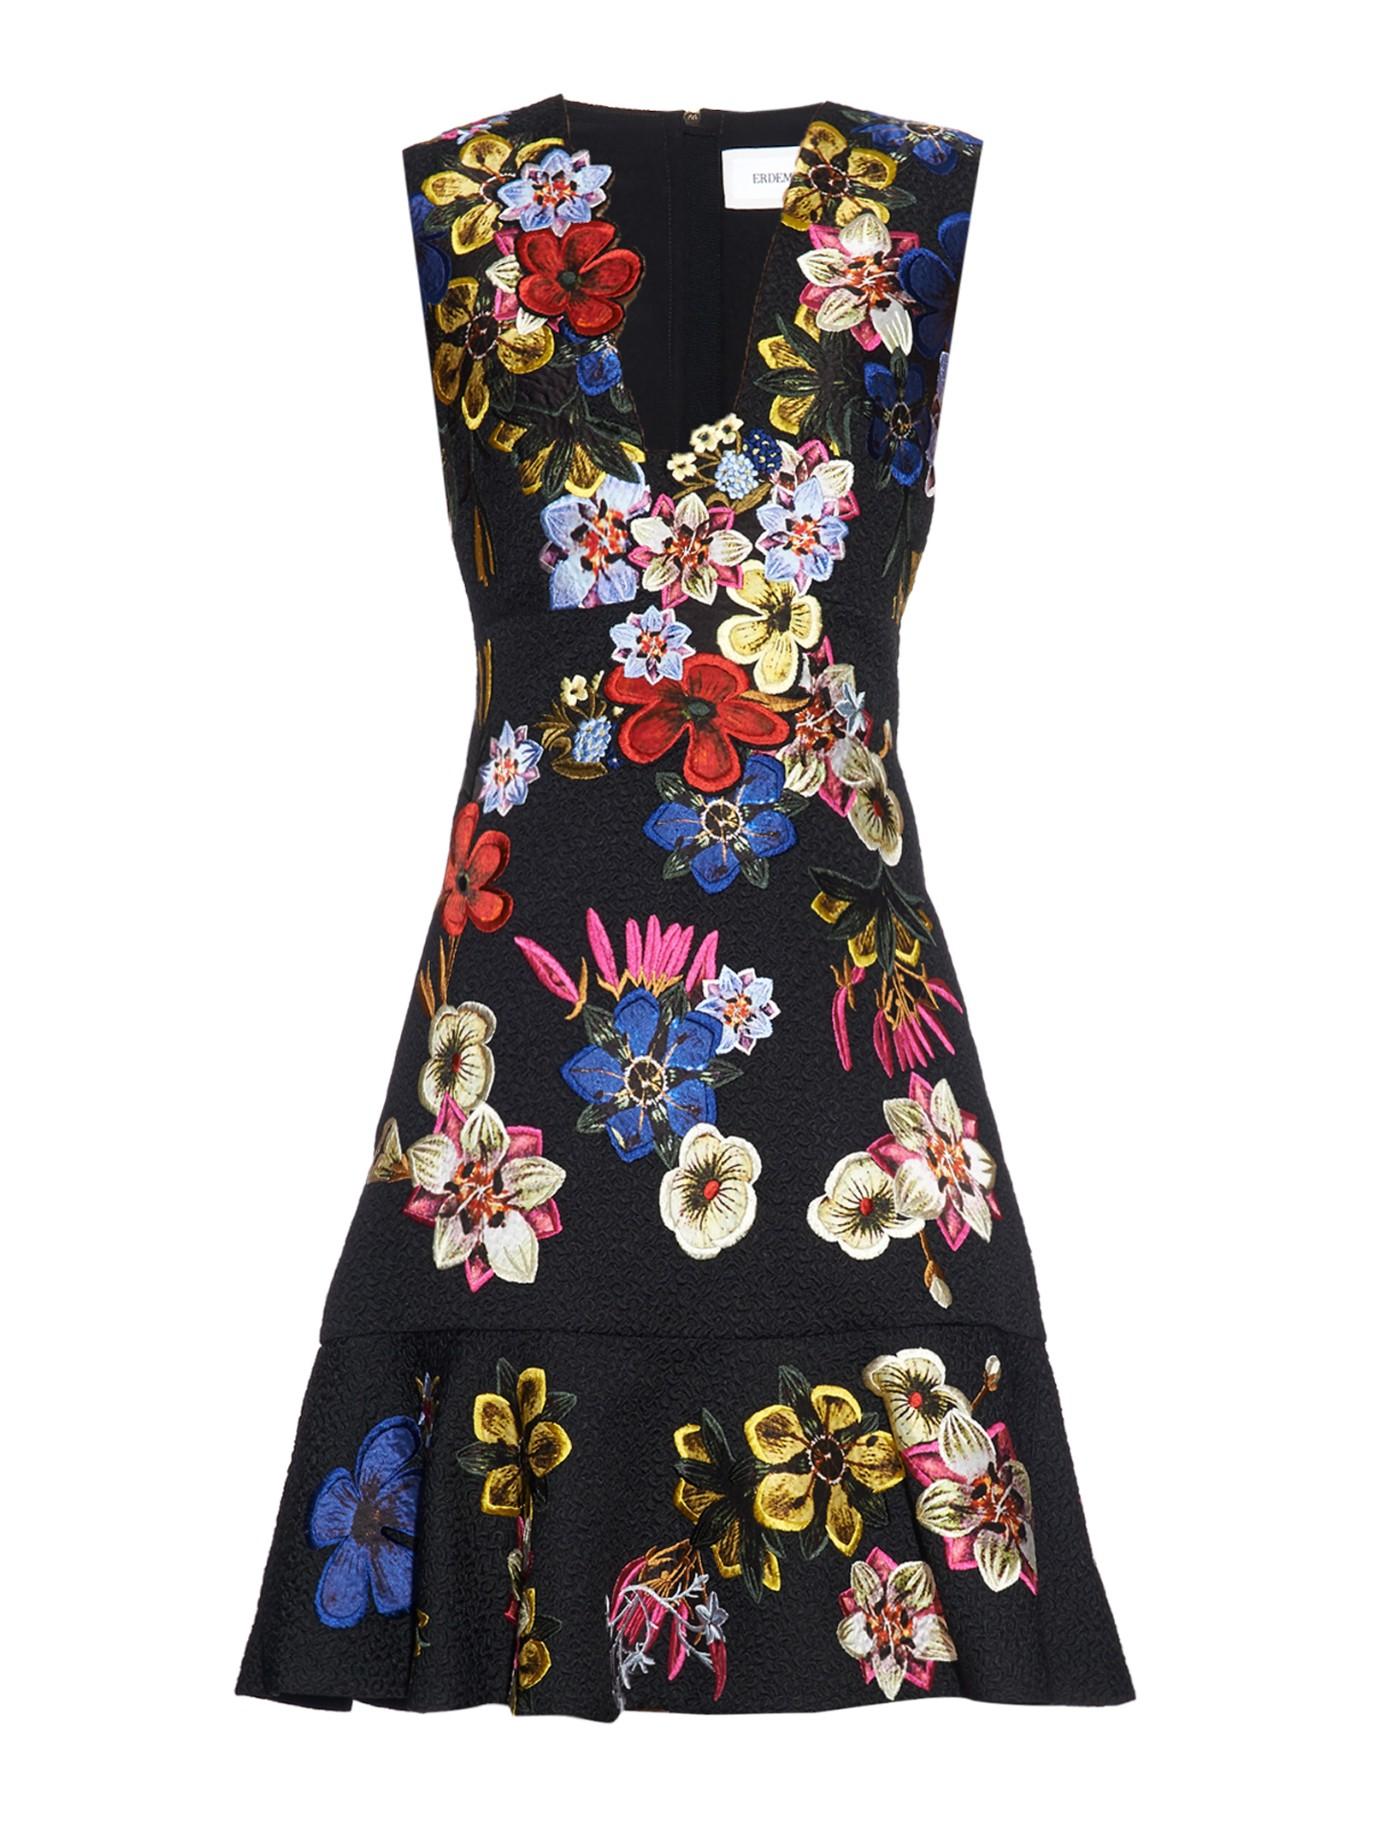 Elegant Erdem Dress | Fabulous Erdem Skirt